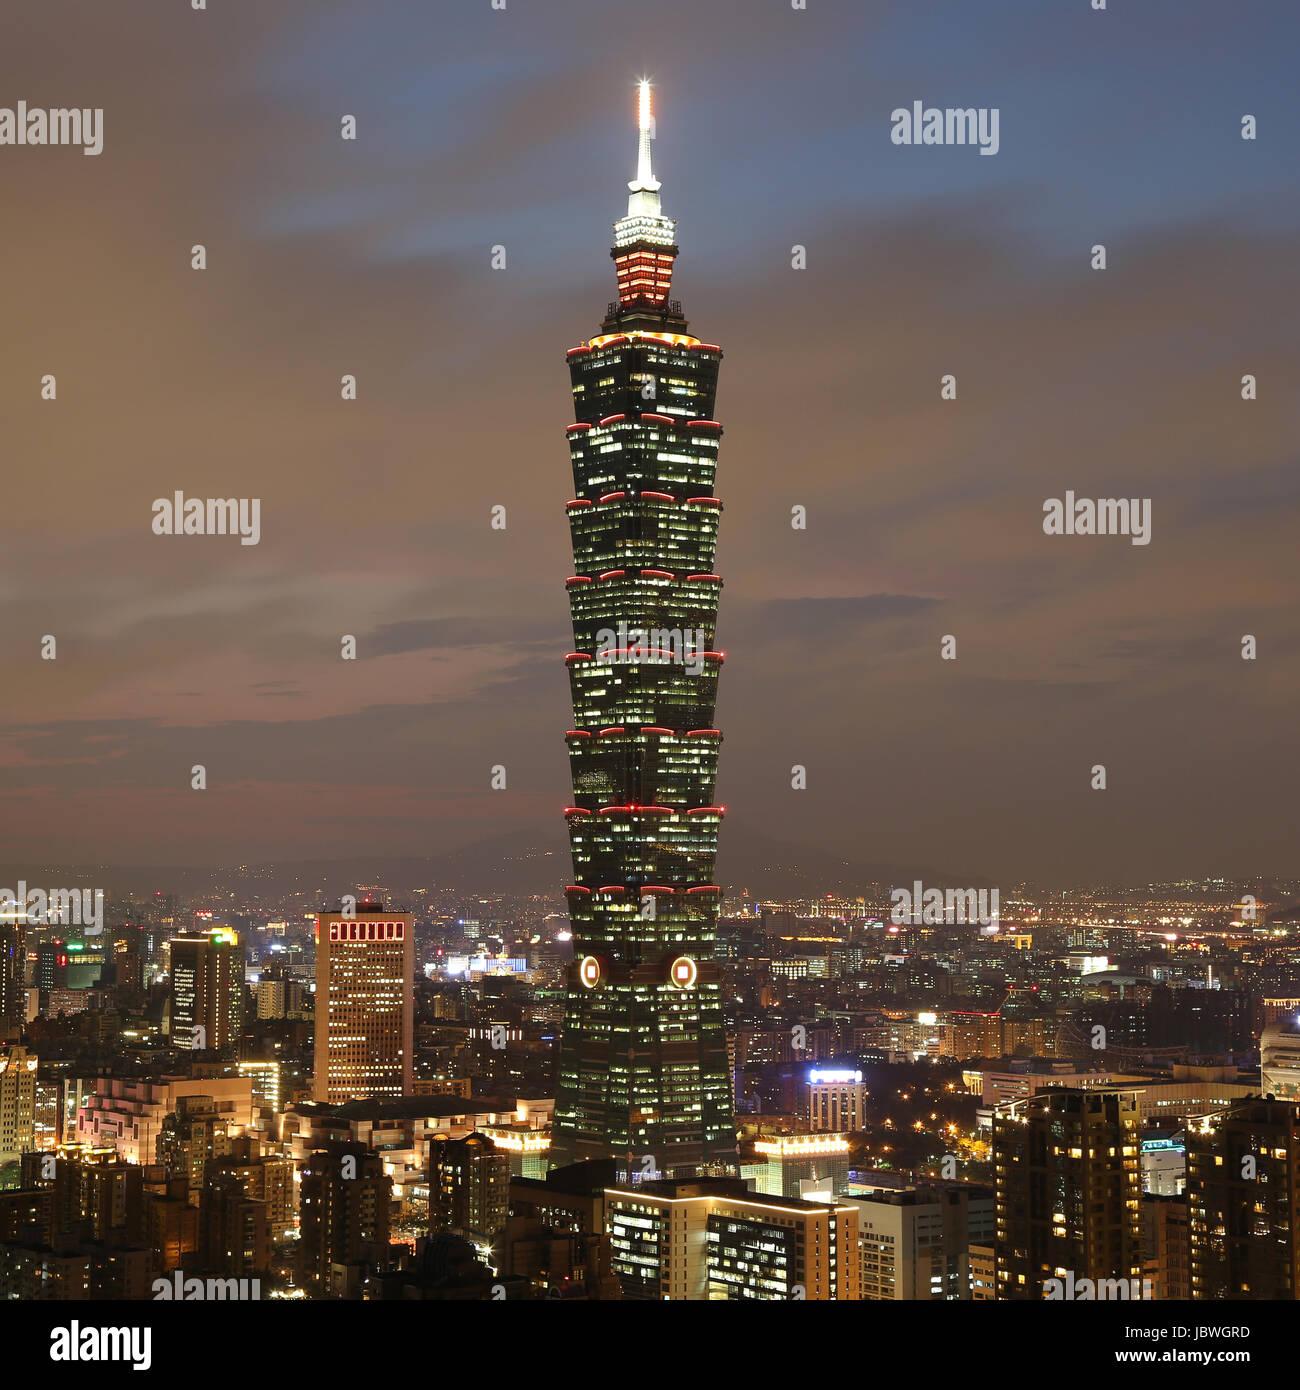 Taipeh Taiwan bei Nacht mit Taipei 101 Hochhaus - Stock Image